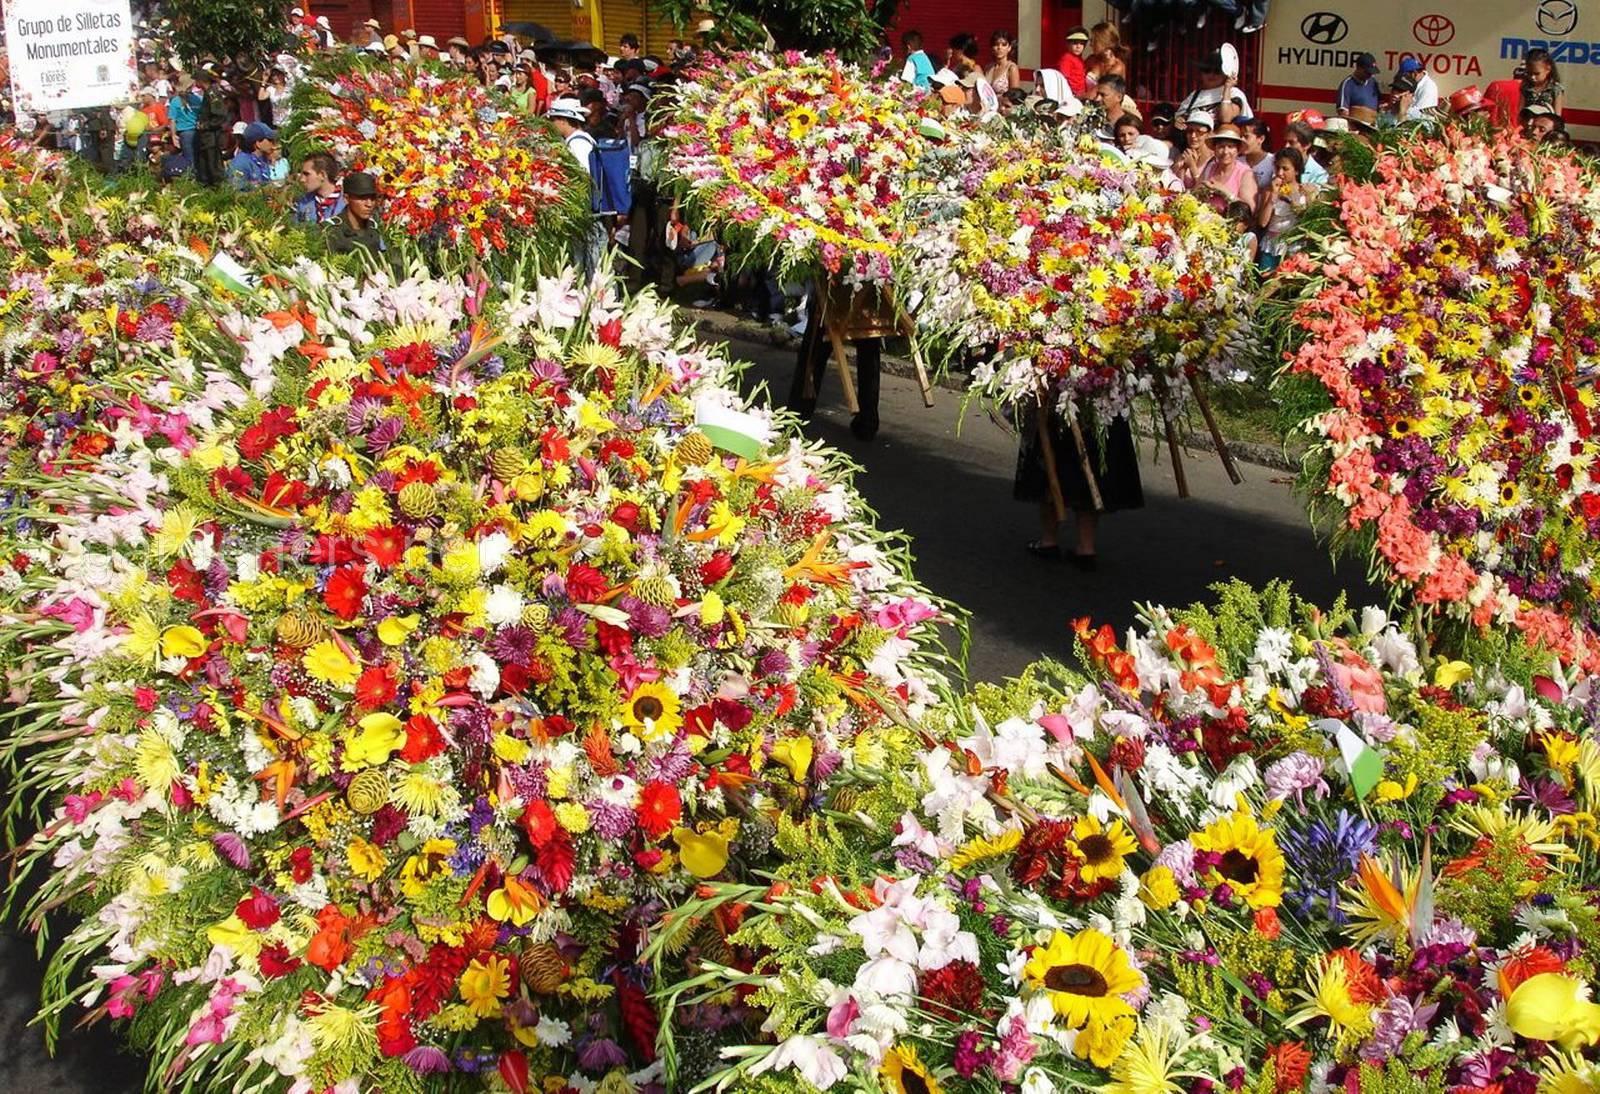 Медельин цветочный фестиваль.jpg